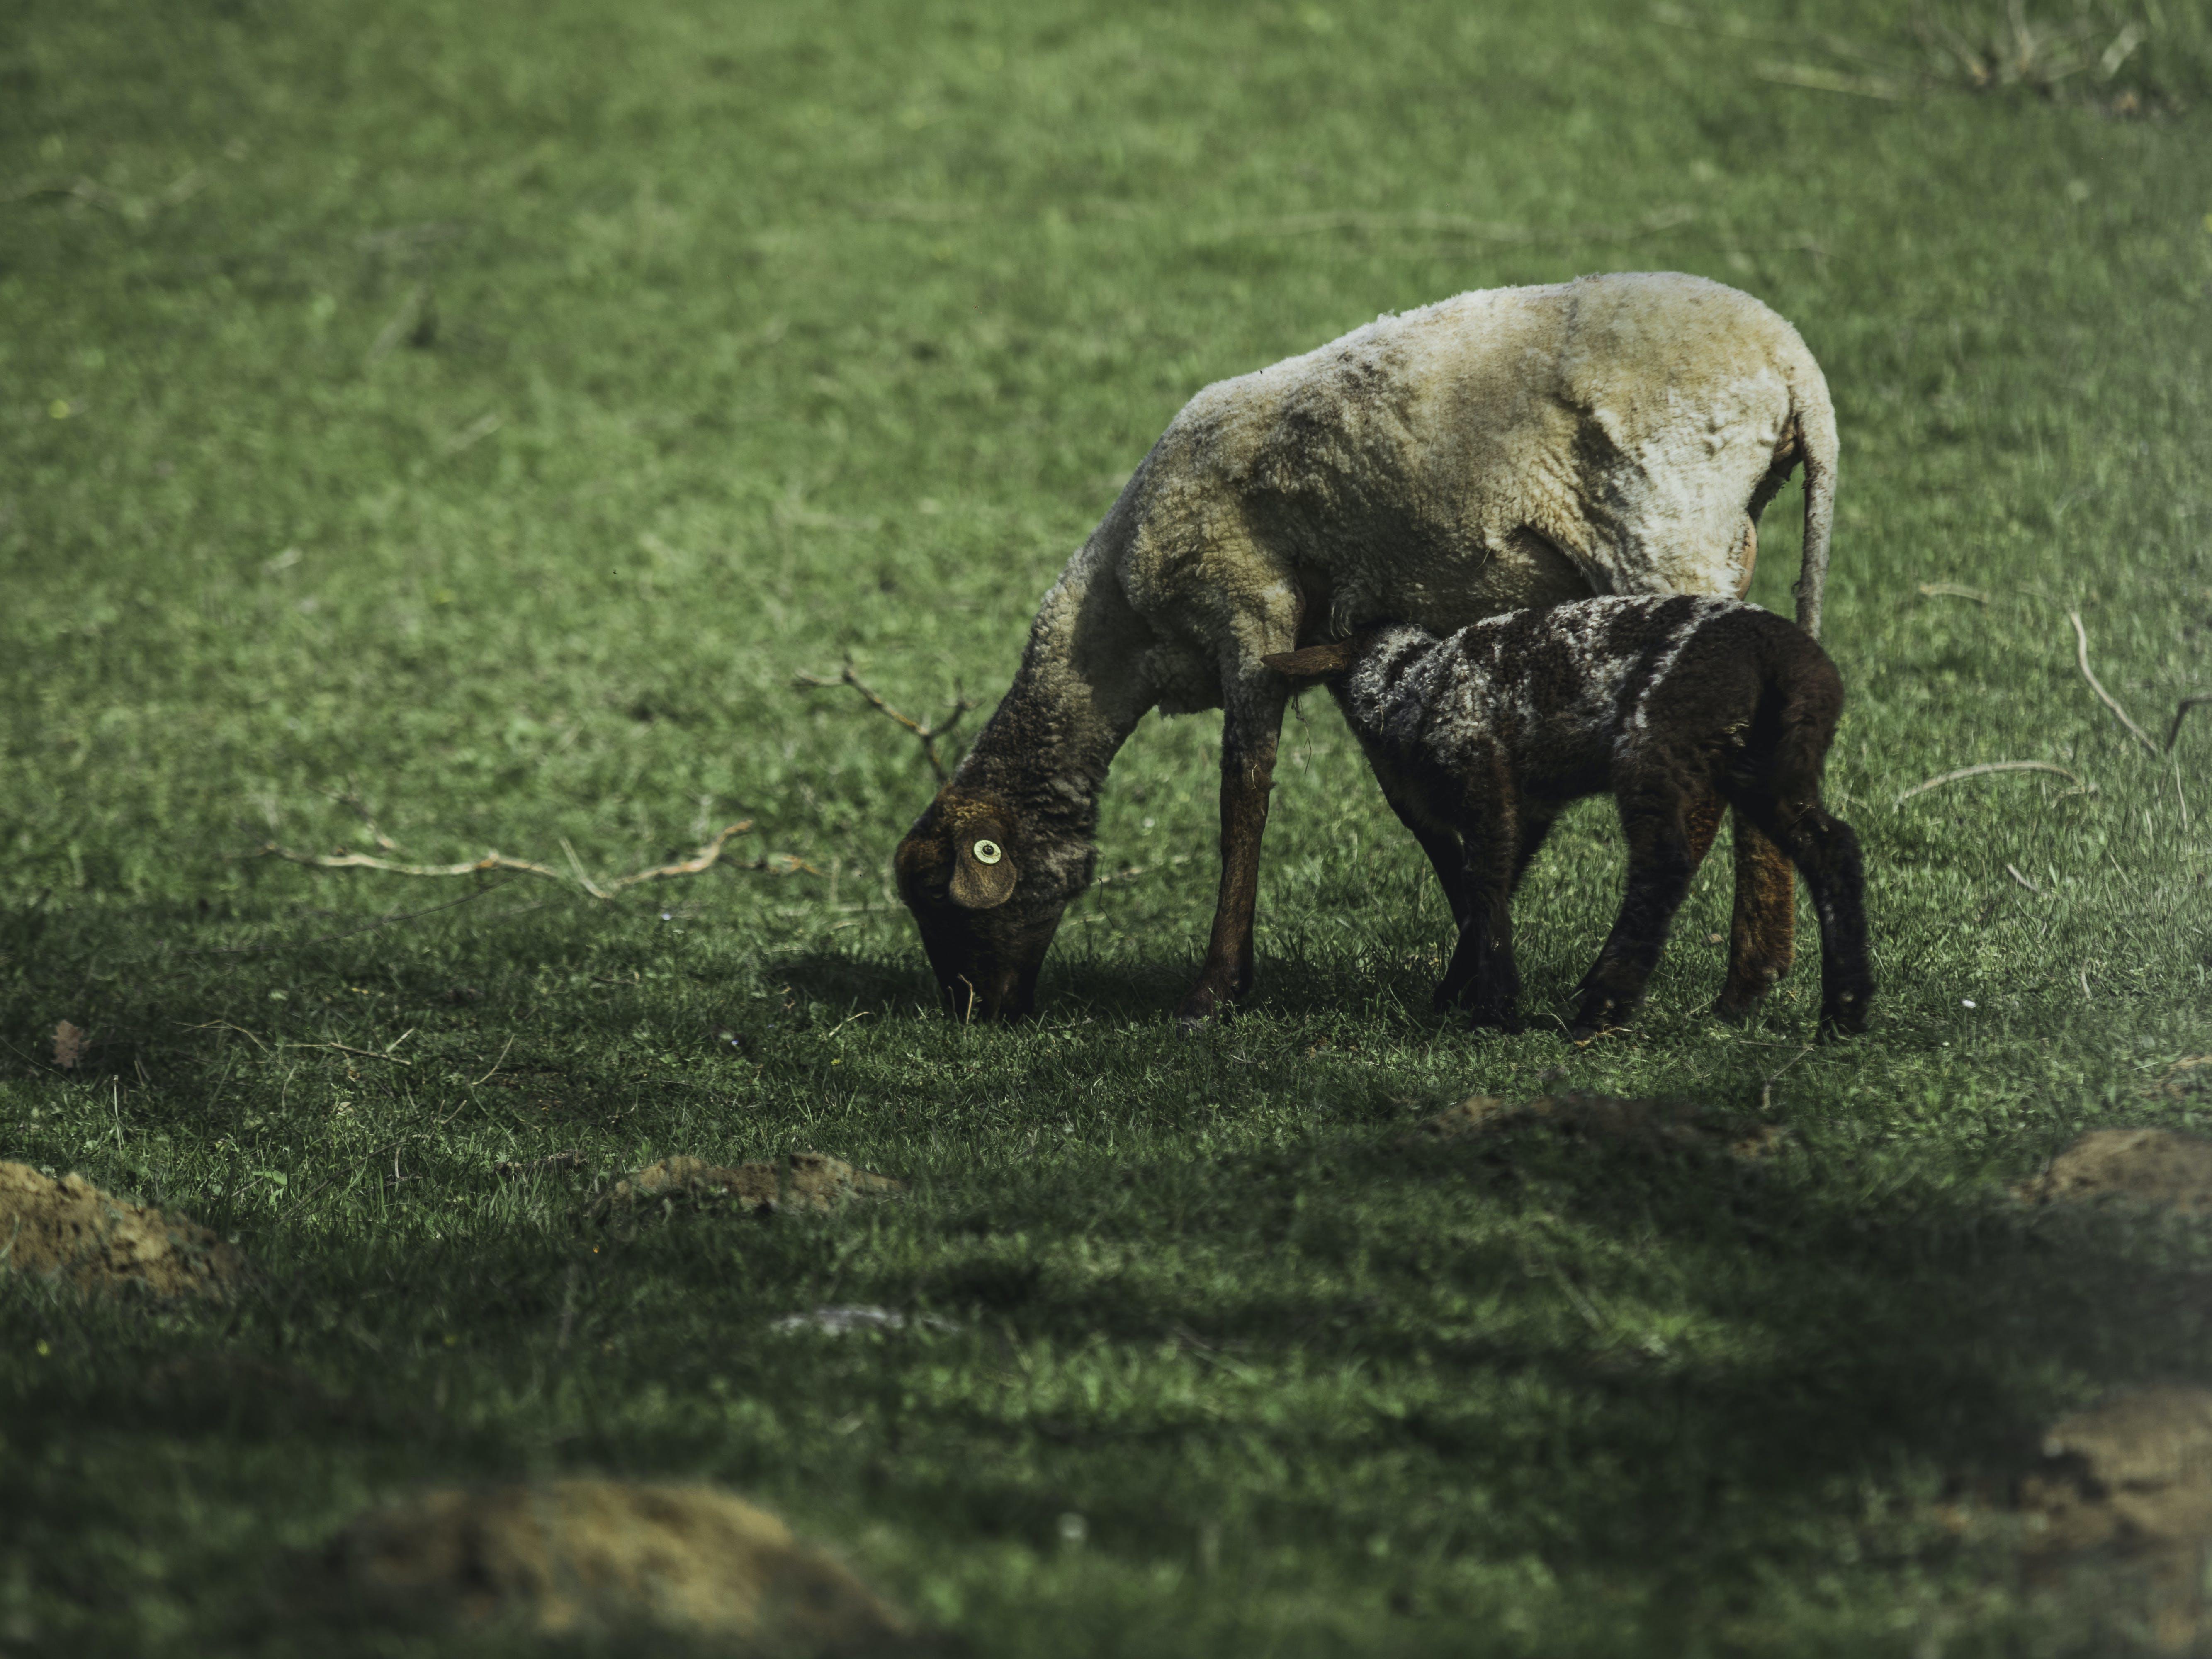 Goat Standing On Green Grass Field